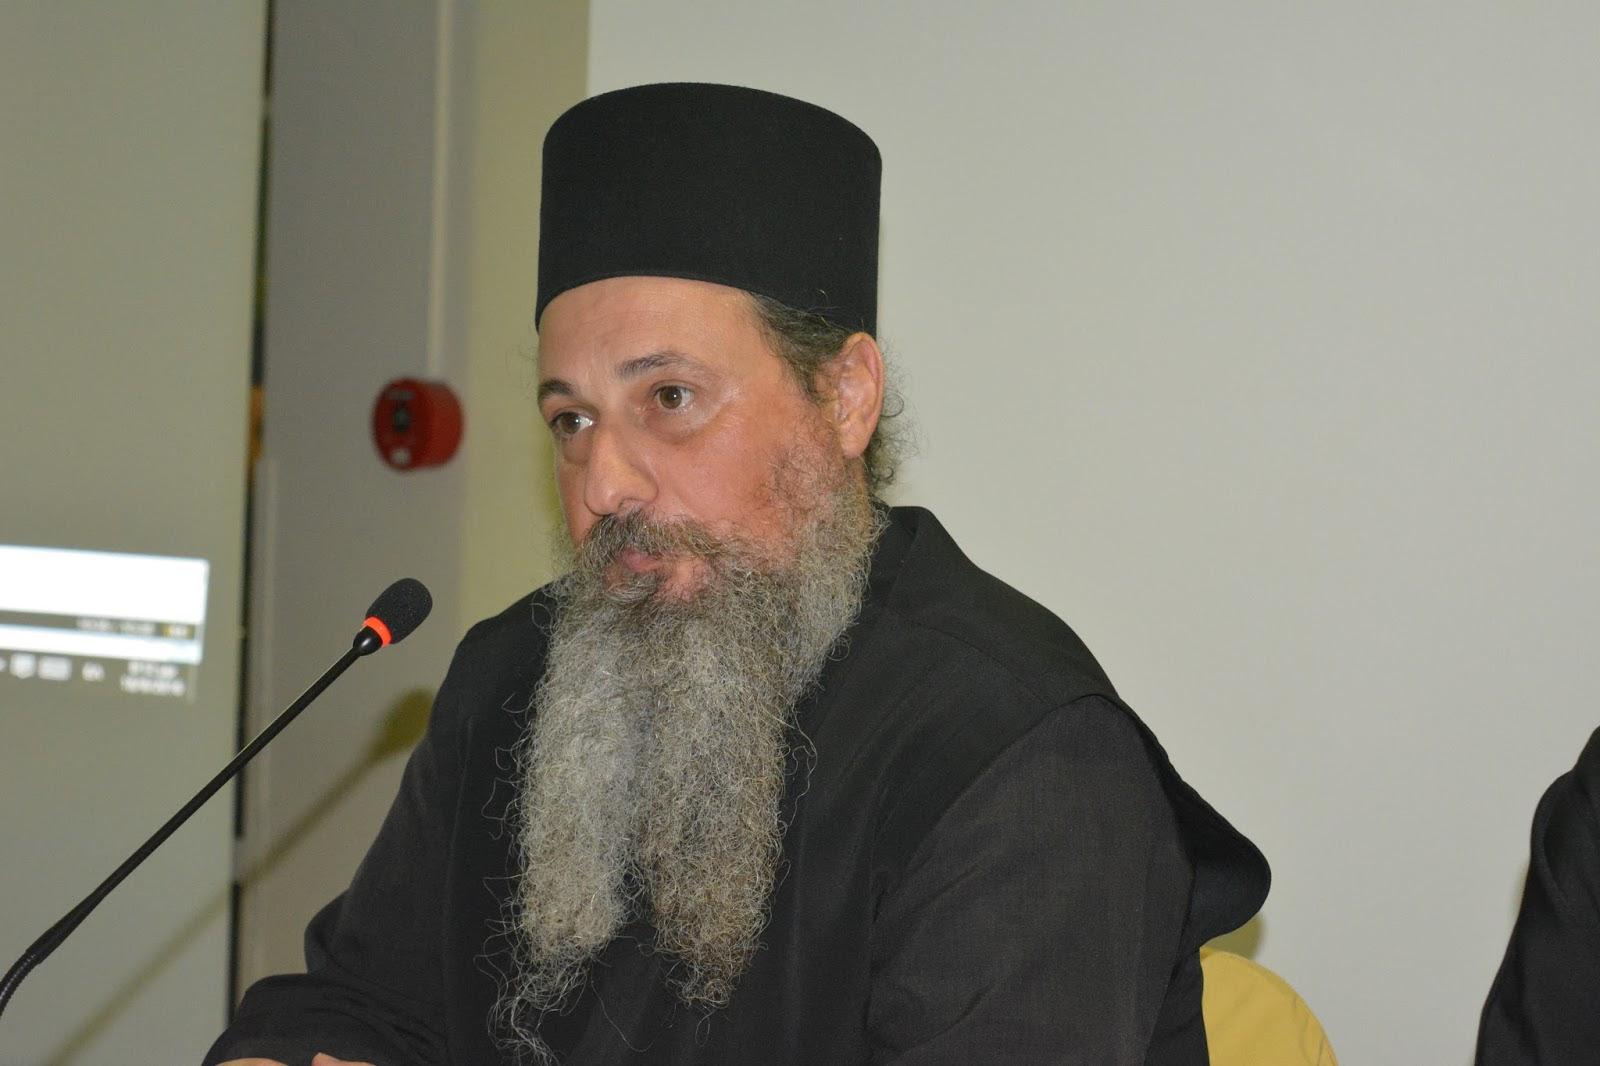 Αποτέλεσμα εικόνας για Αρχιμ. Παΐσιος Παπαδόπουλος